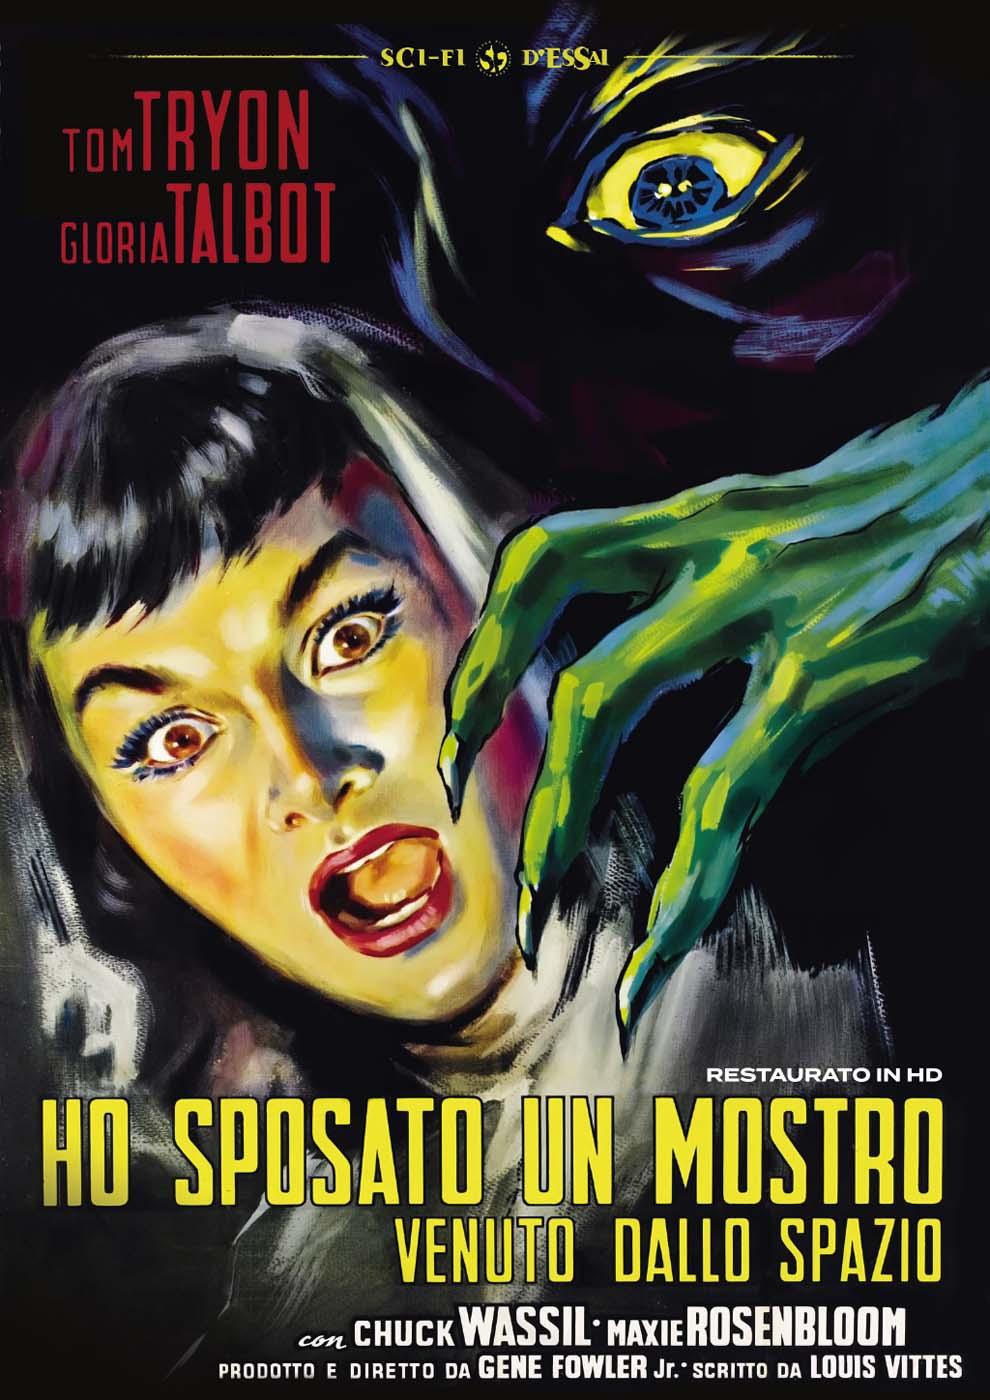 HO SPOSATO UN MOSTRO VENUTO DALLO SPAZIO (RESTAURATO IN HD) (DVD